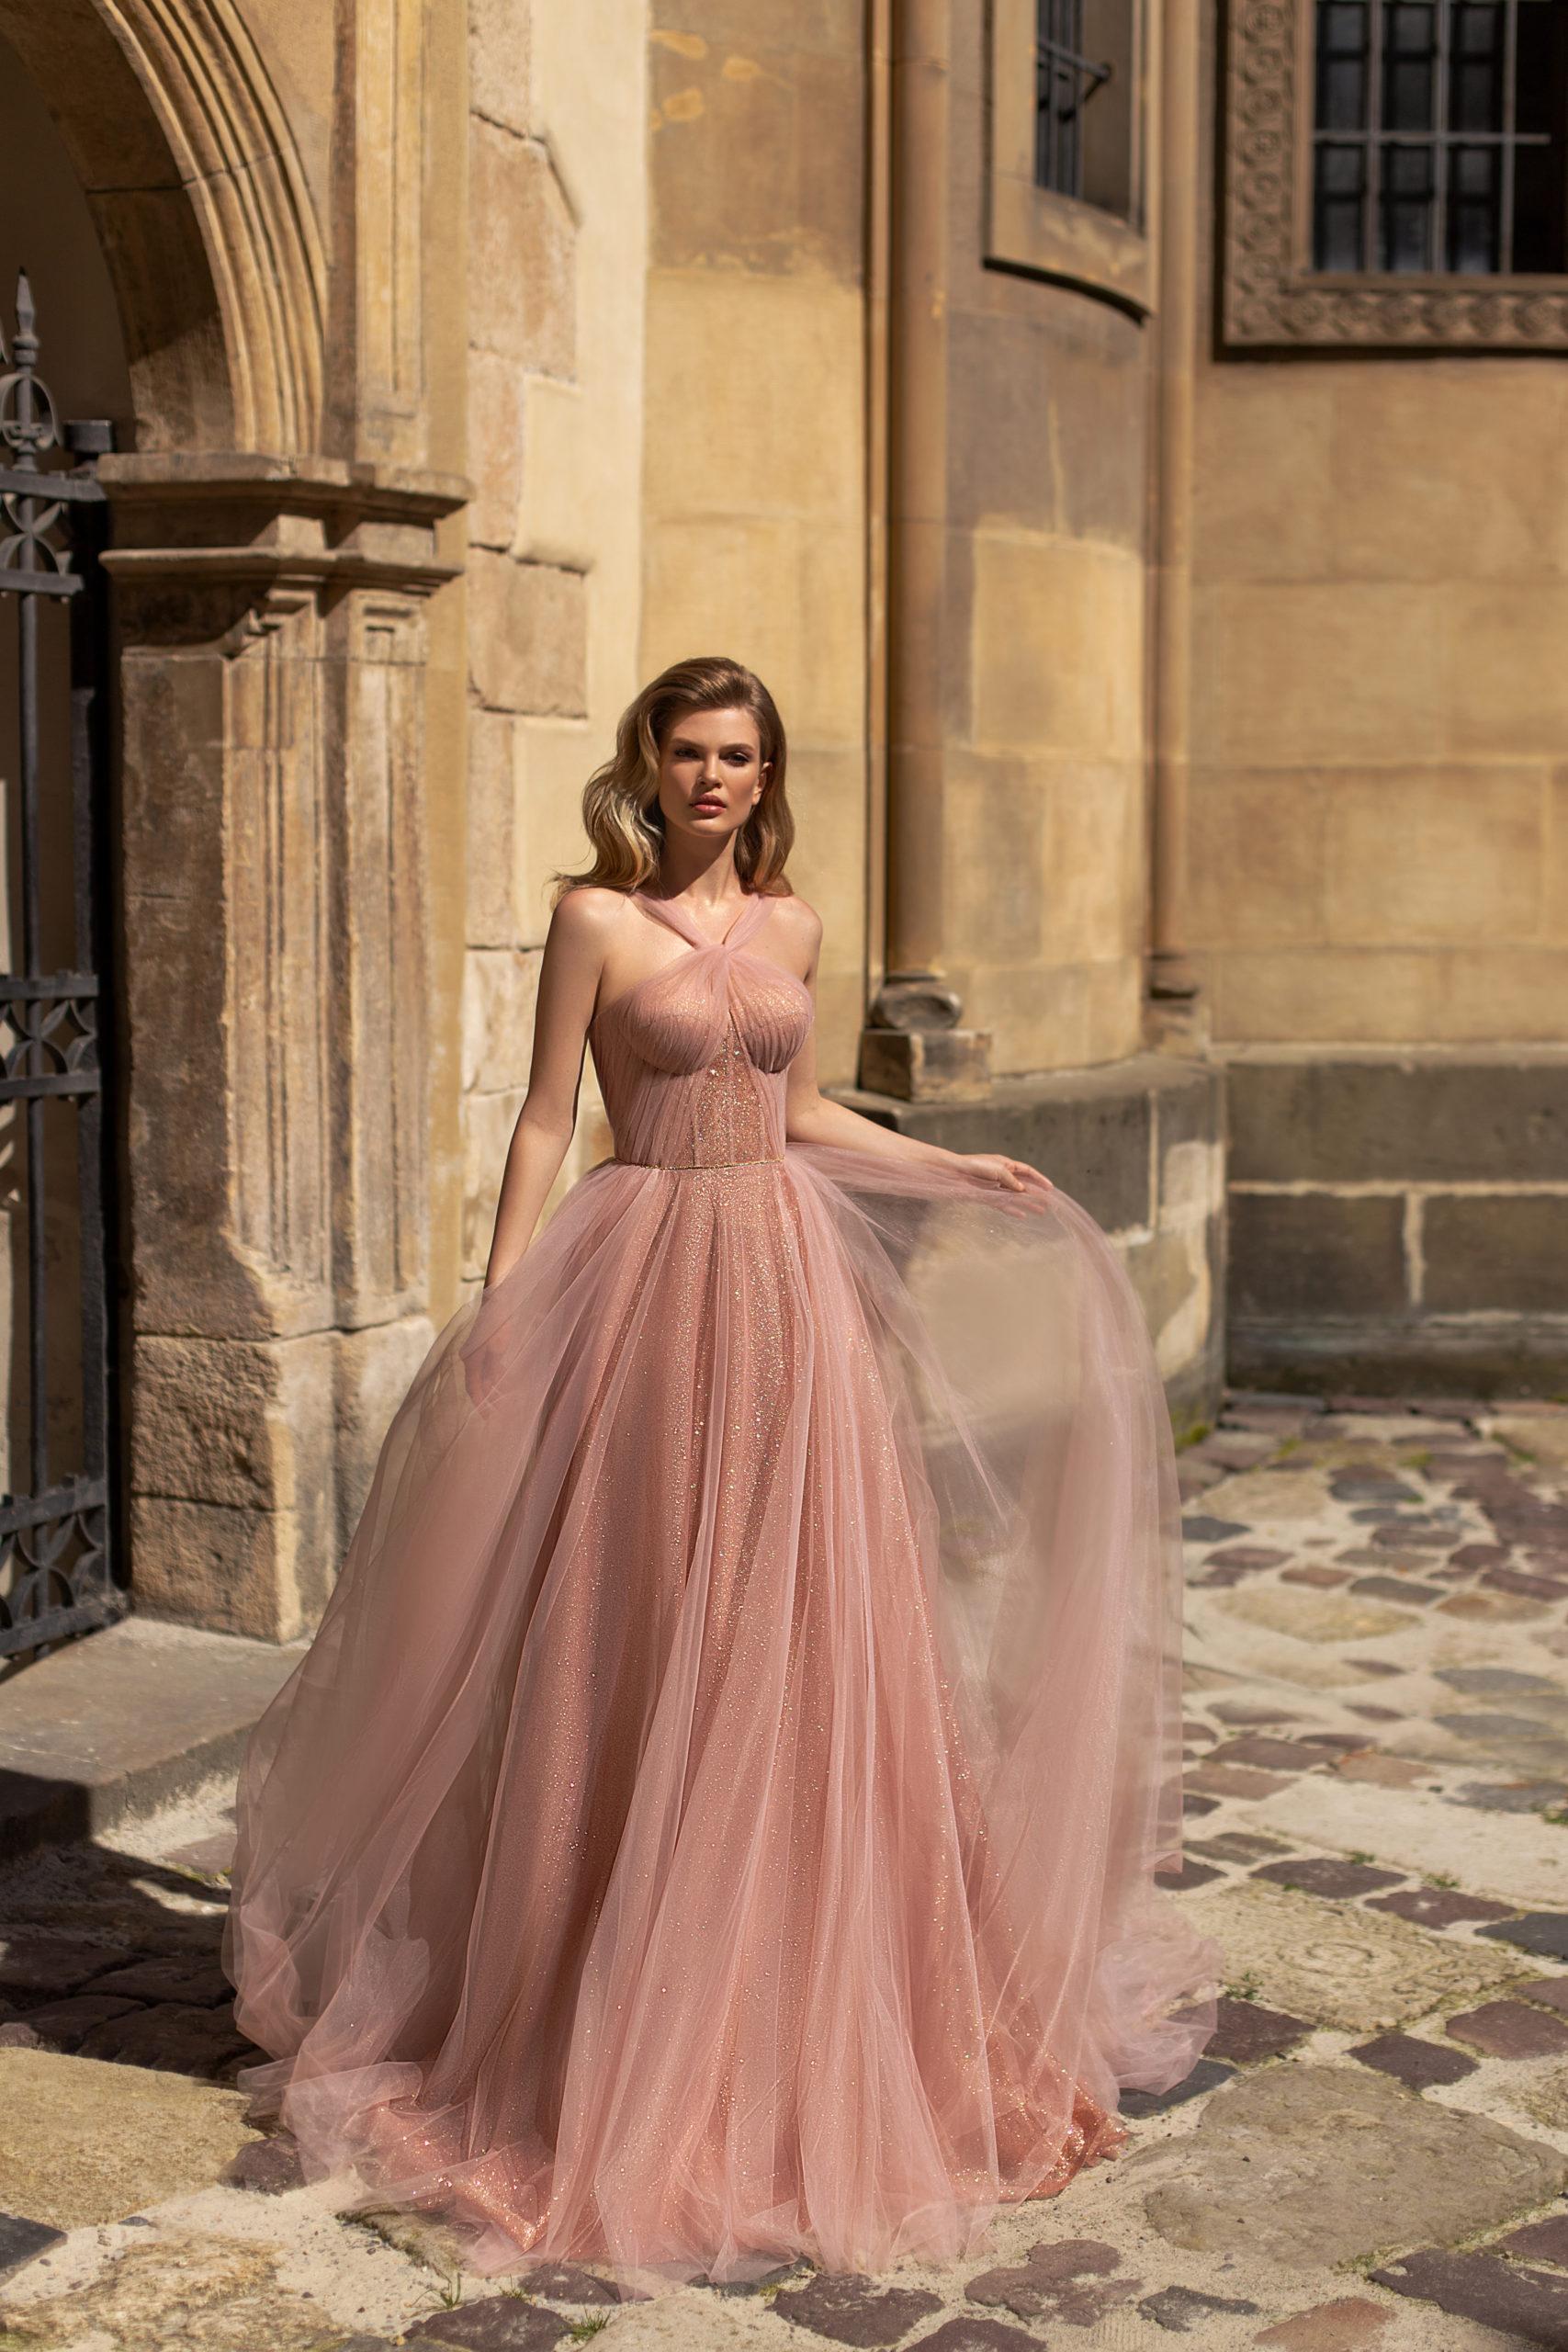 Robes haute couture demoiselle d'honneur invité Genève Riccasposa Rose poudre poudré blush tulle sans manches paillettes glitter longue